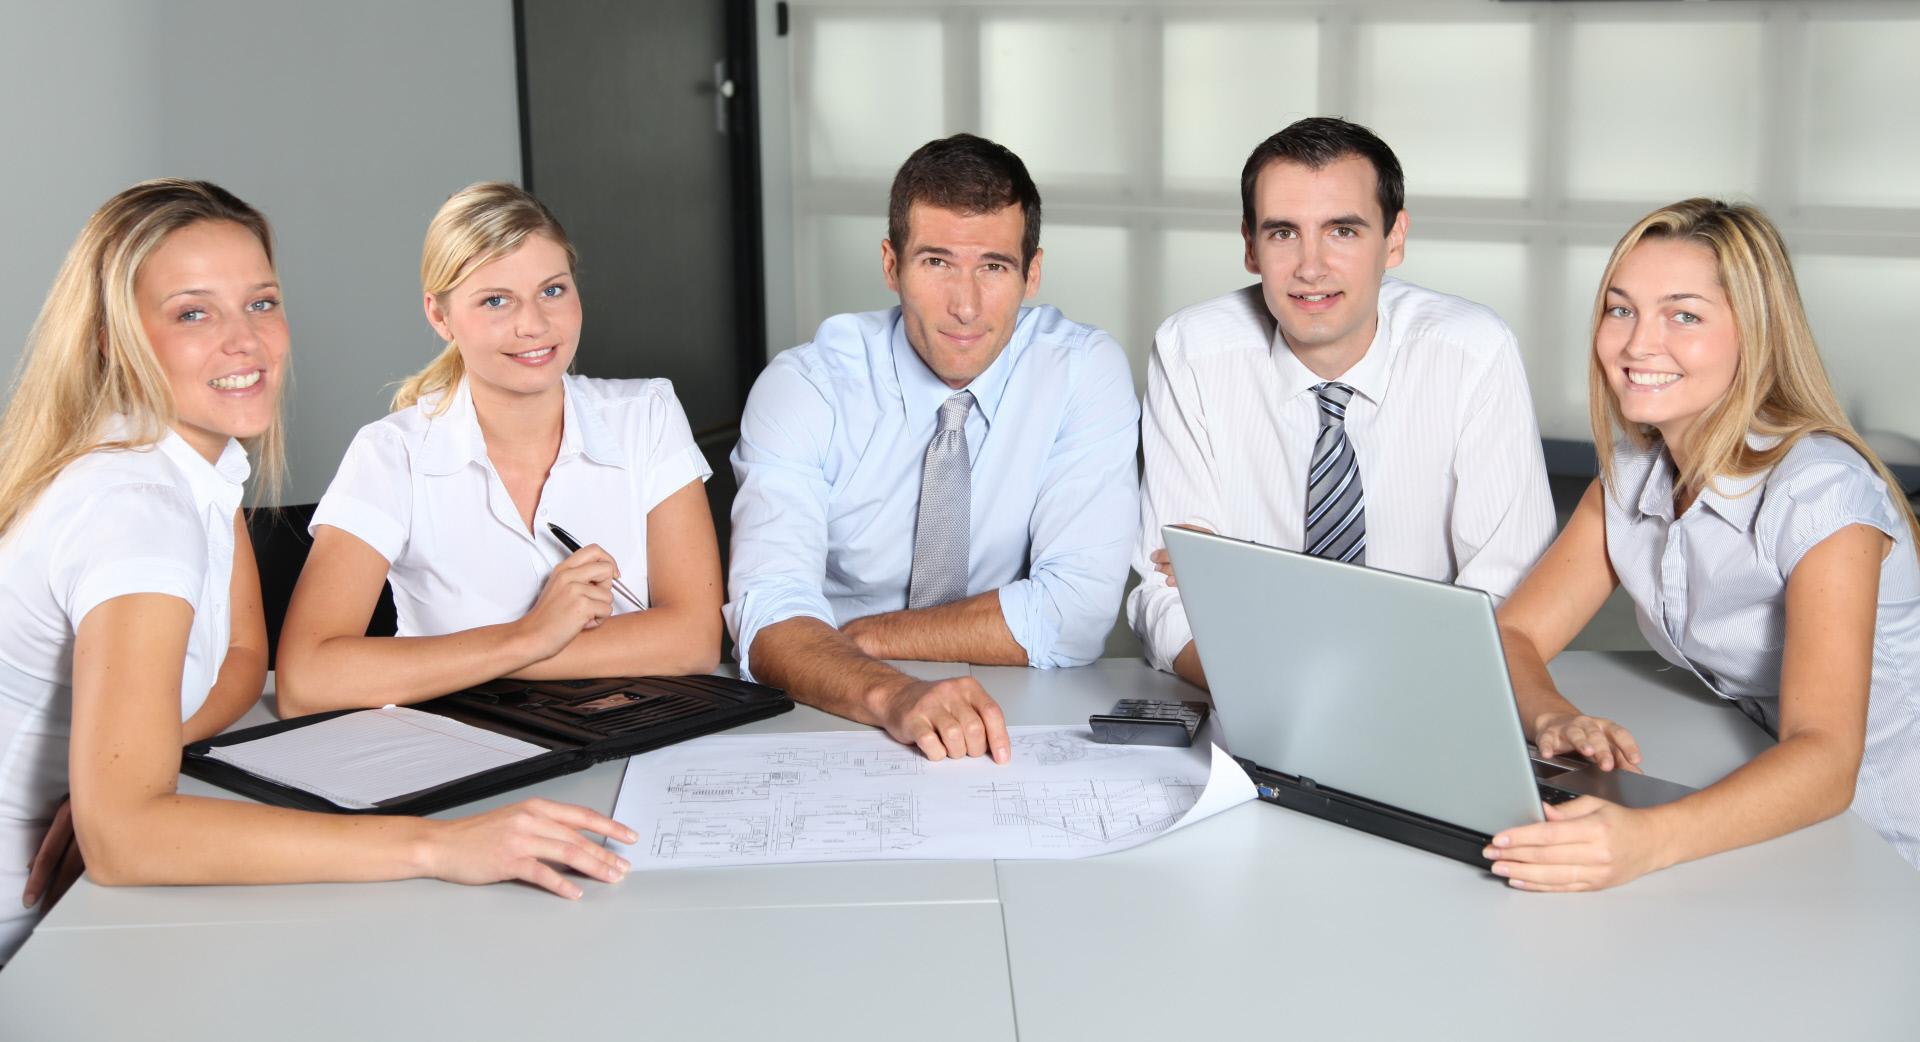 """EBNAIP: Sussidio Covid-19 """"una tantum"""" di 400 Euro ai dipendenti delle imprese di mediazione immobiliare e creditizia"""